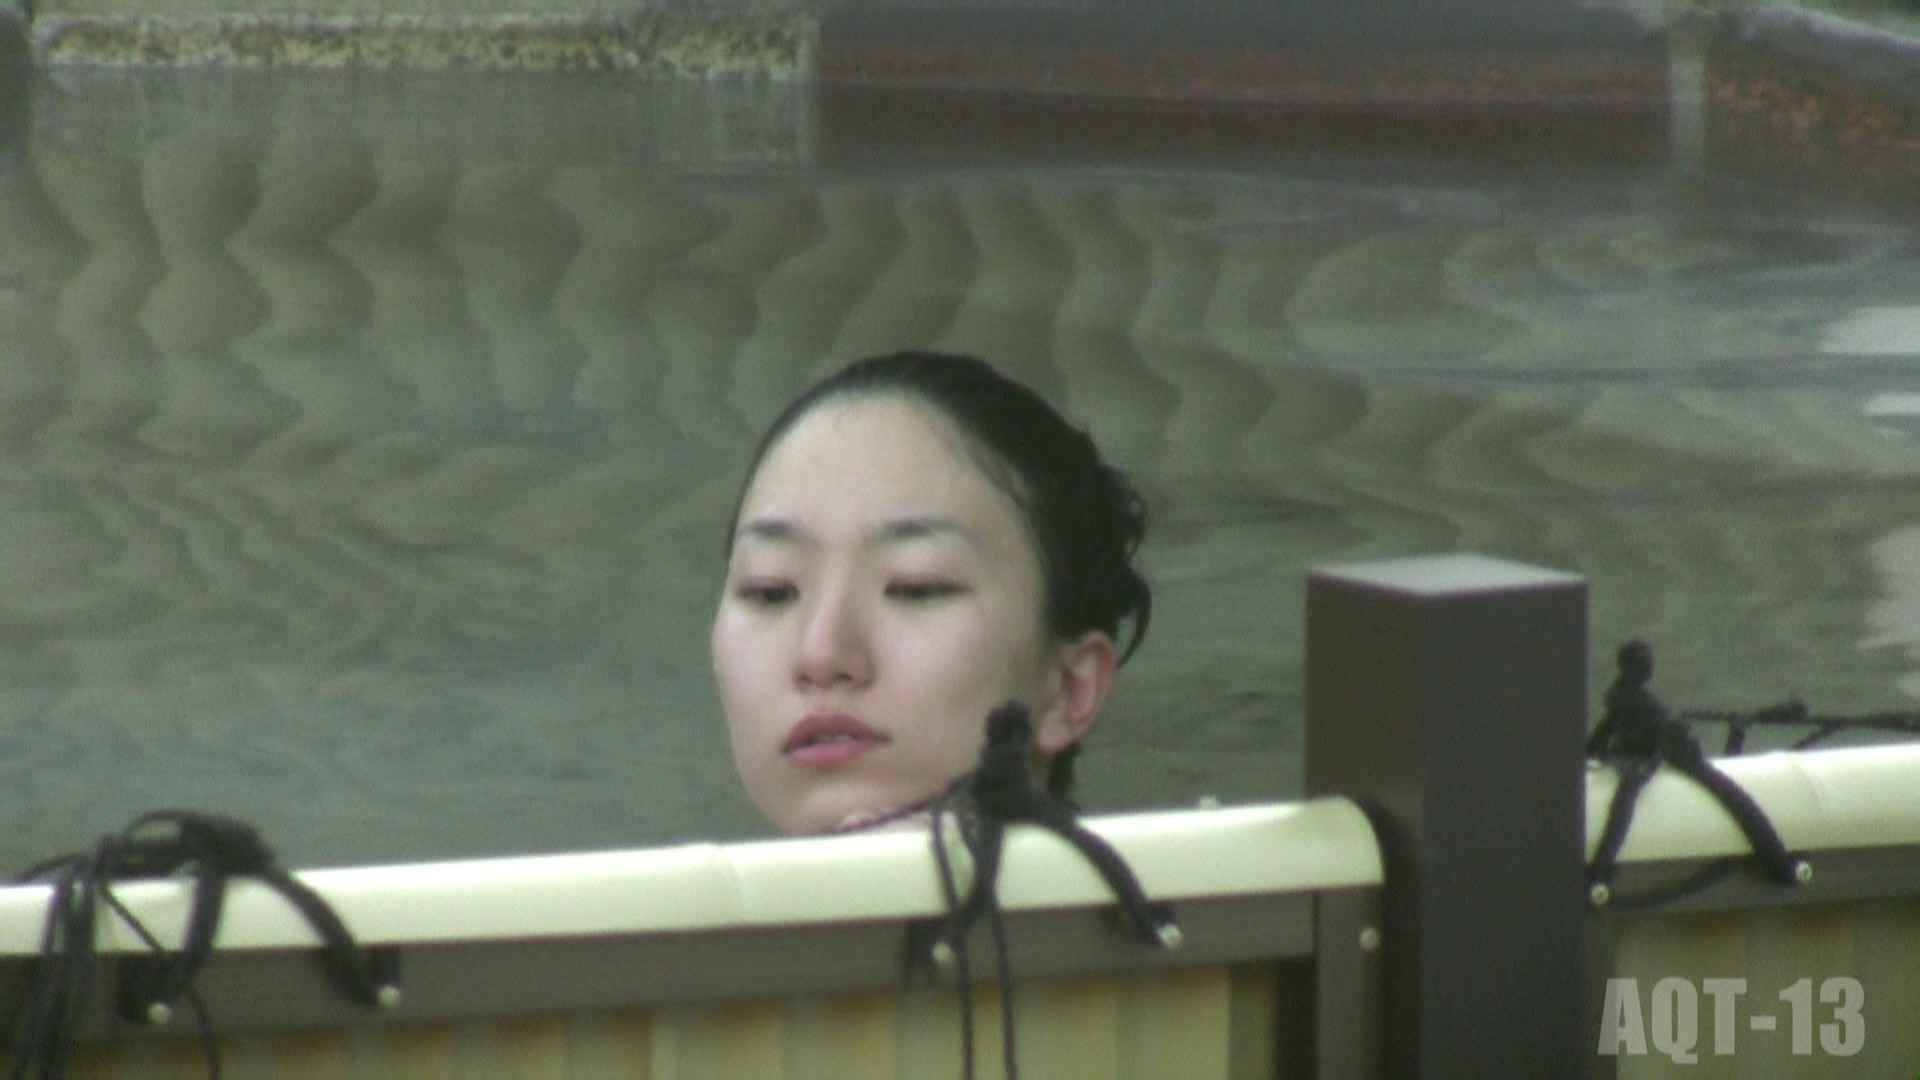 Aquaな露天風呂Vol.818 盗撮 オメコ動画キャプチャ 88画像 41